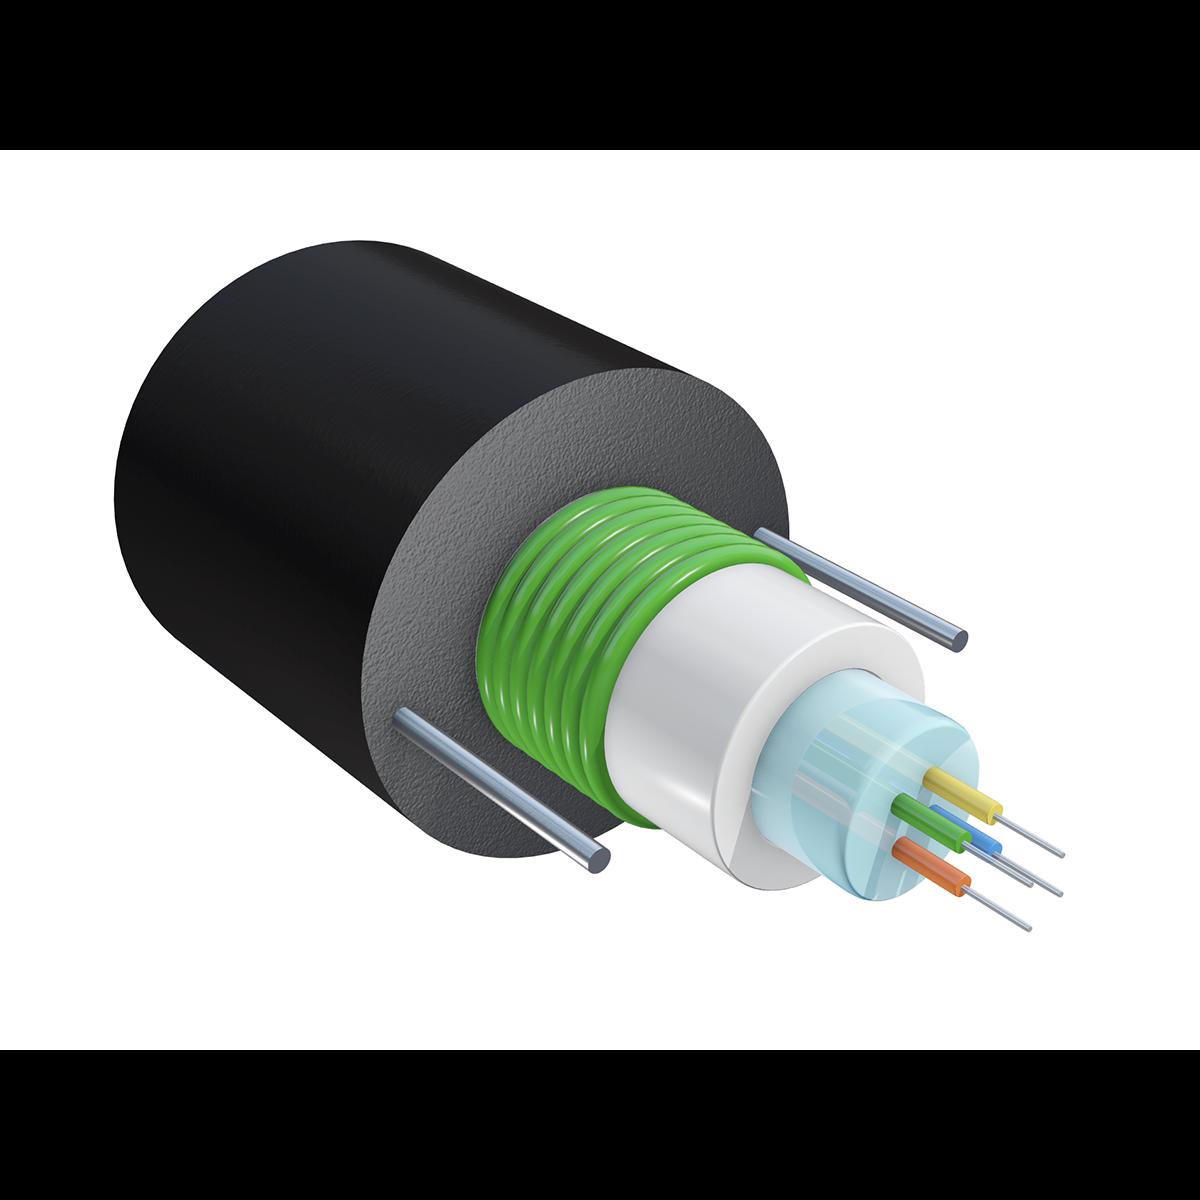 Кабель оптический SNR-FOCB-UT-0-04-C, волокно Corning SMF-28 Ultra